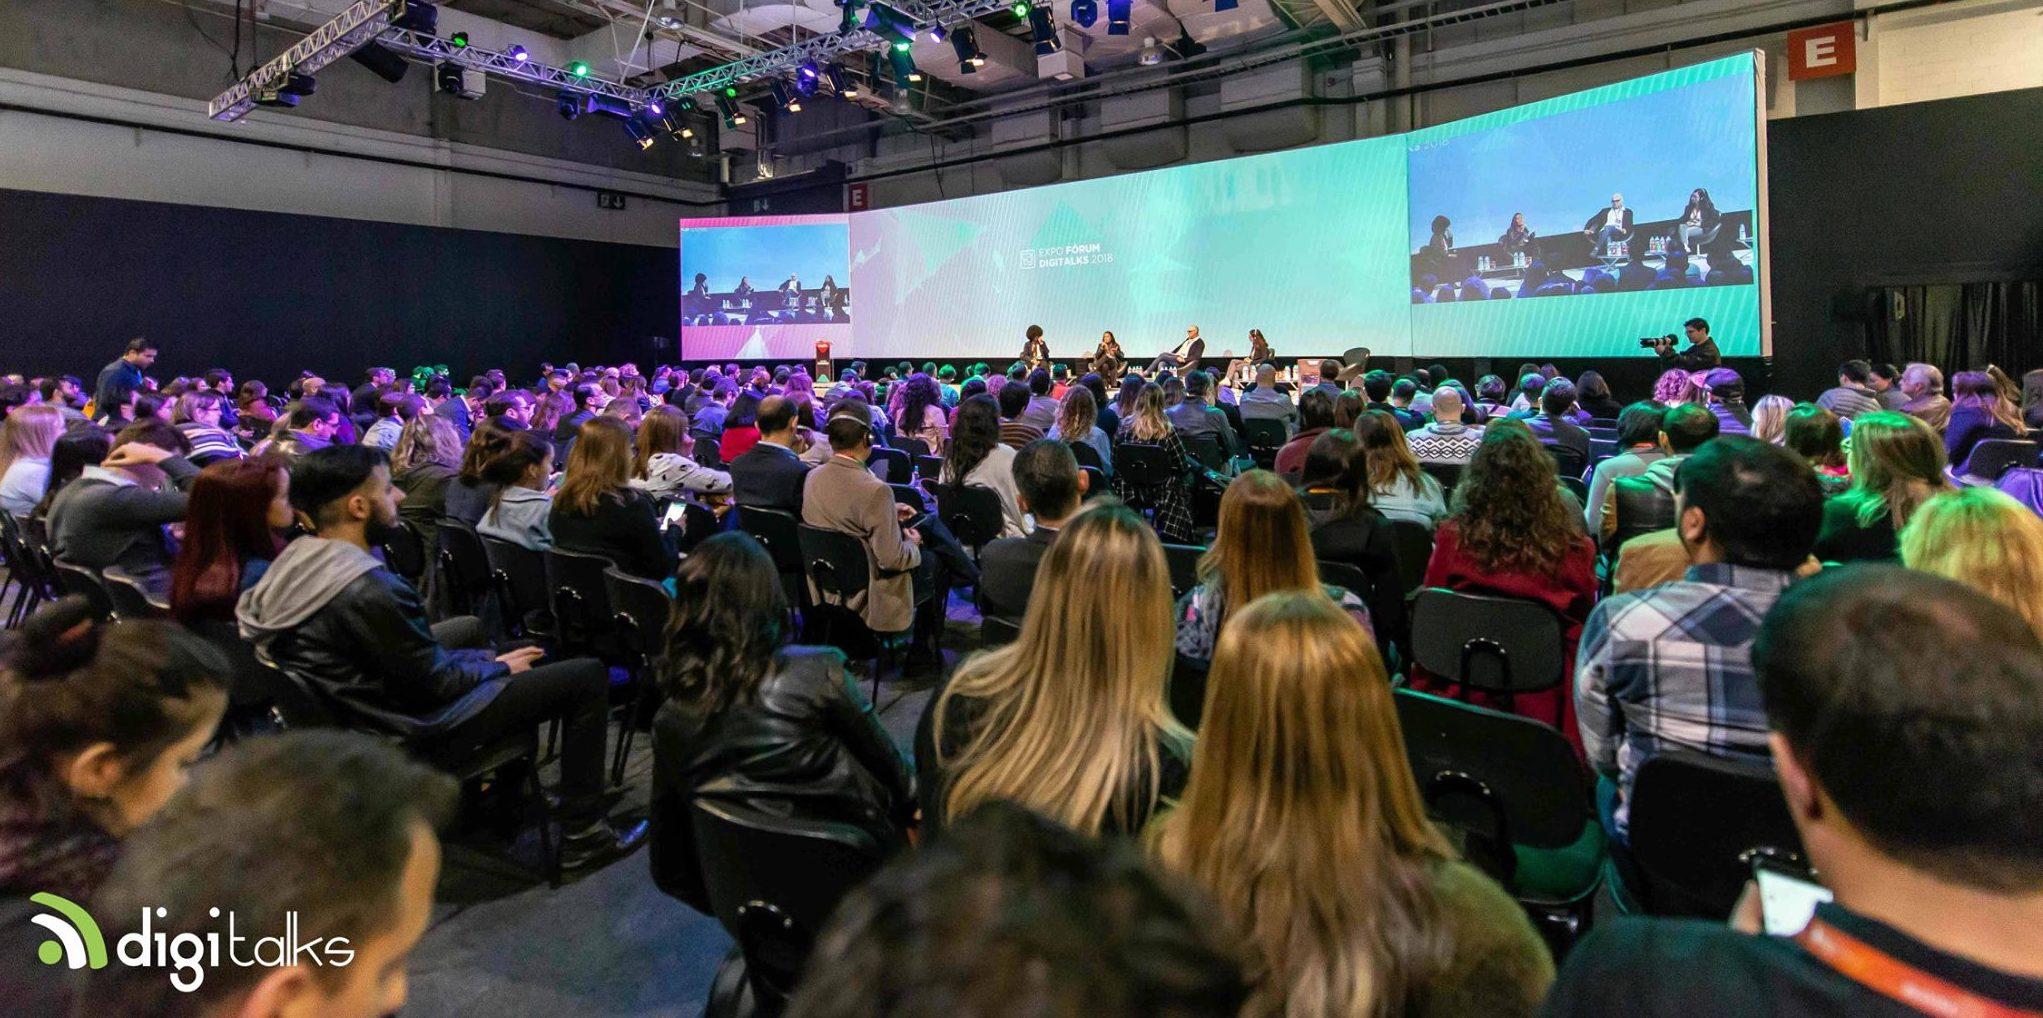 expo forum digitalks, digitalks, marketing digital, content marketing